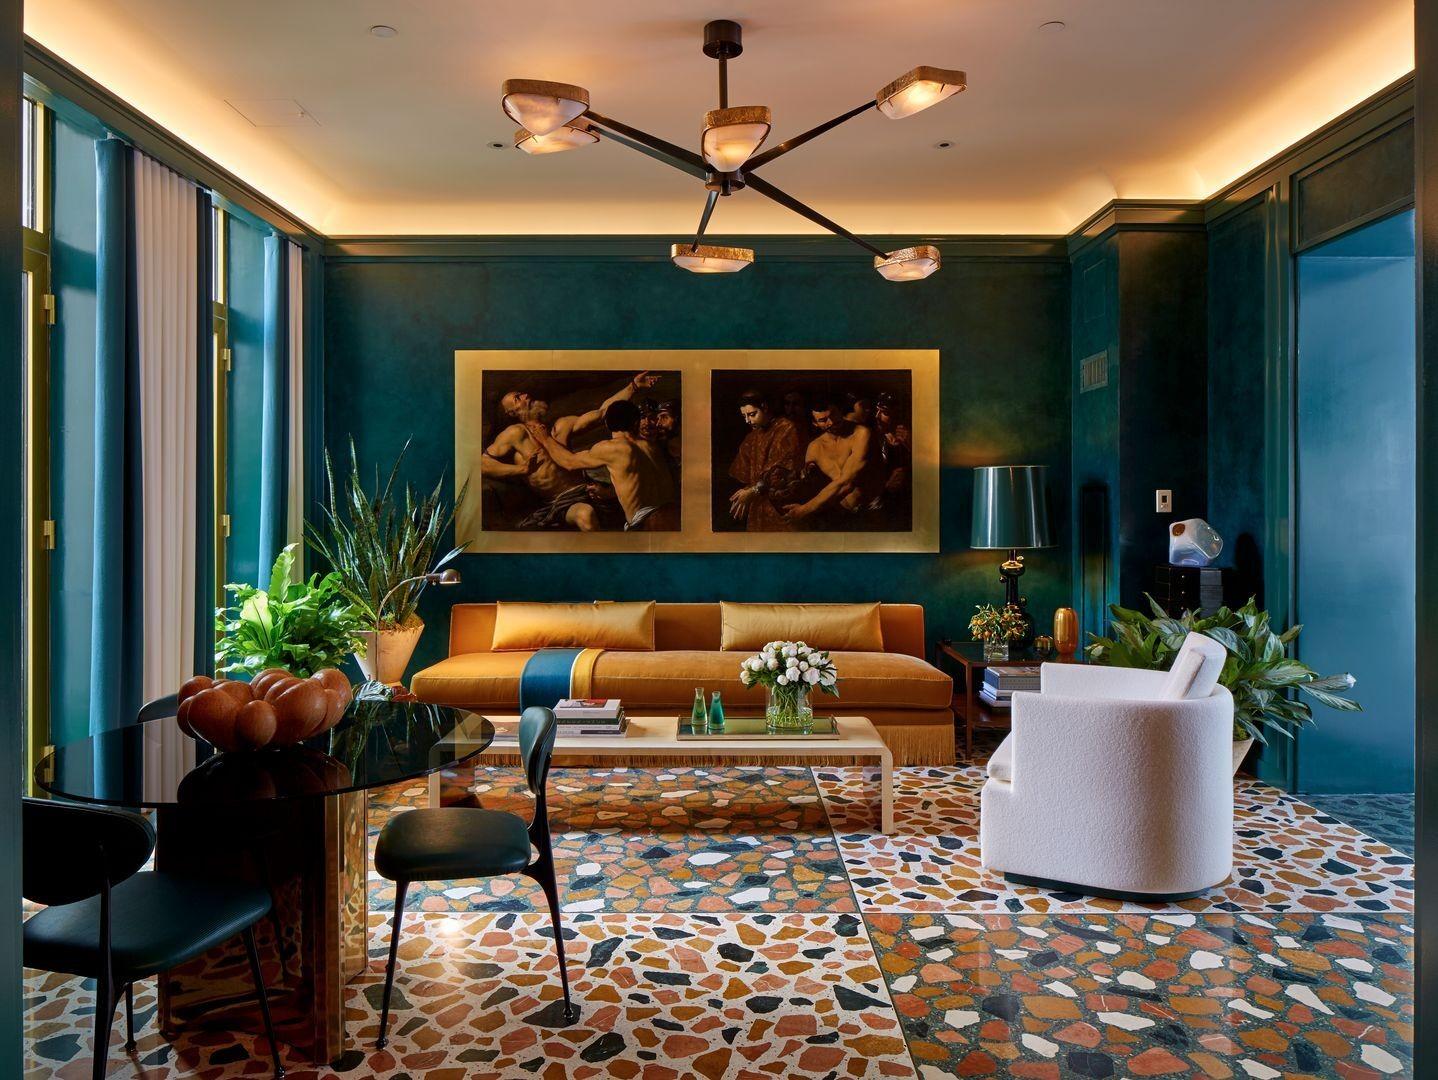 أشكال غرف معيشة -غرفة معيشة تركواز